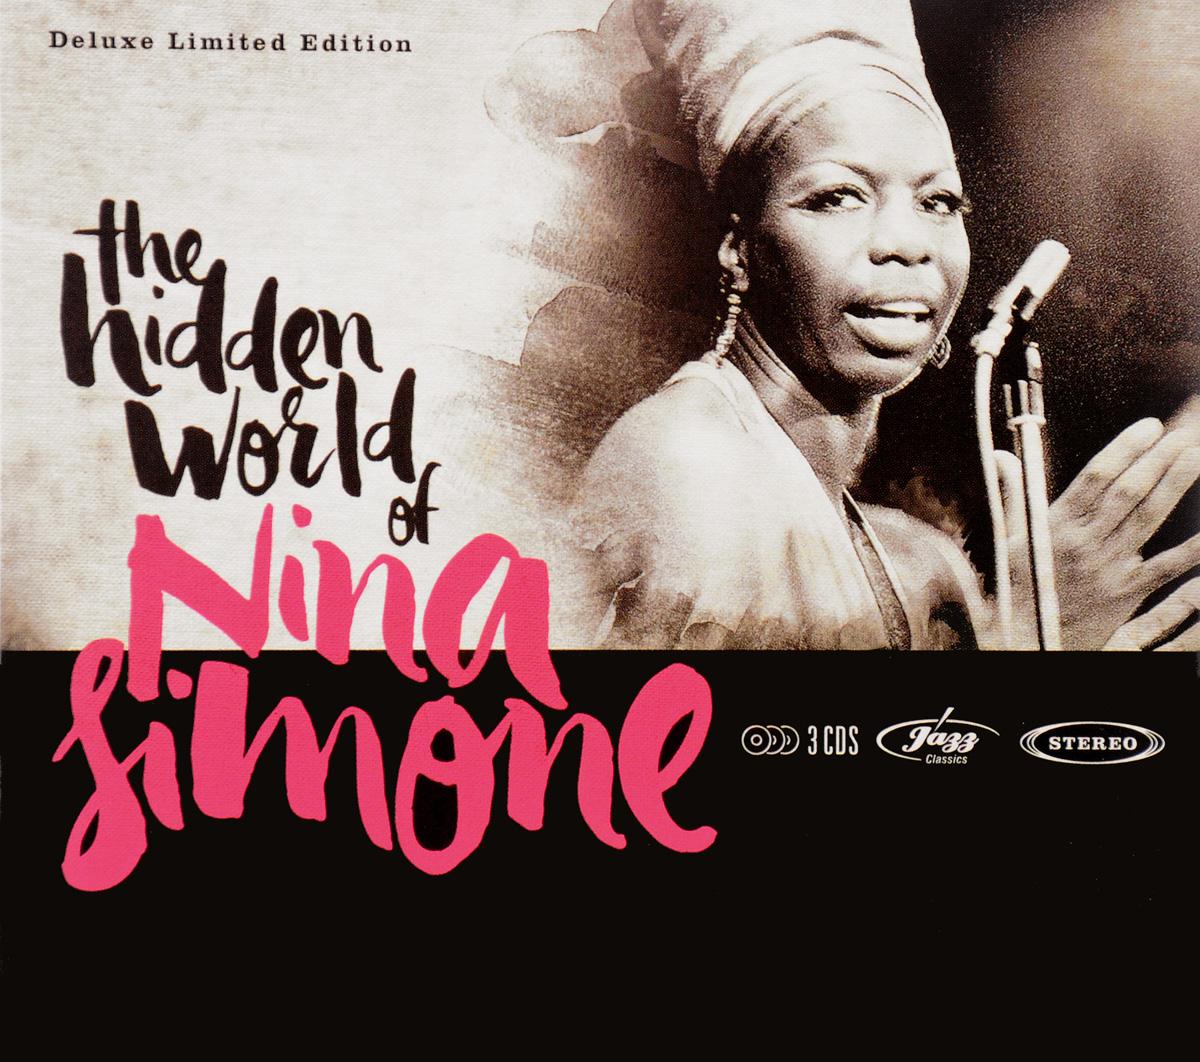 Нина Симон The Hidden World Of Nina Simone. Deluxe Limited Edition (3 CD) нина симон nina simone high priestess of soul